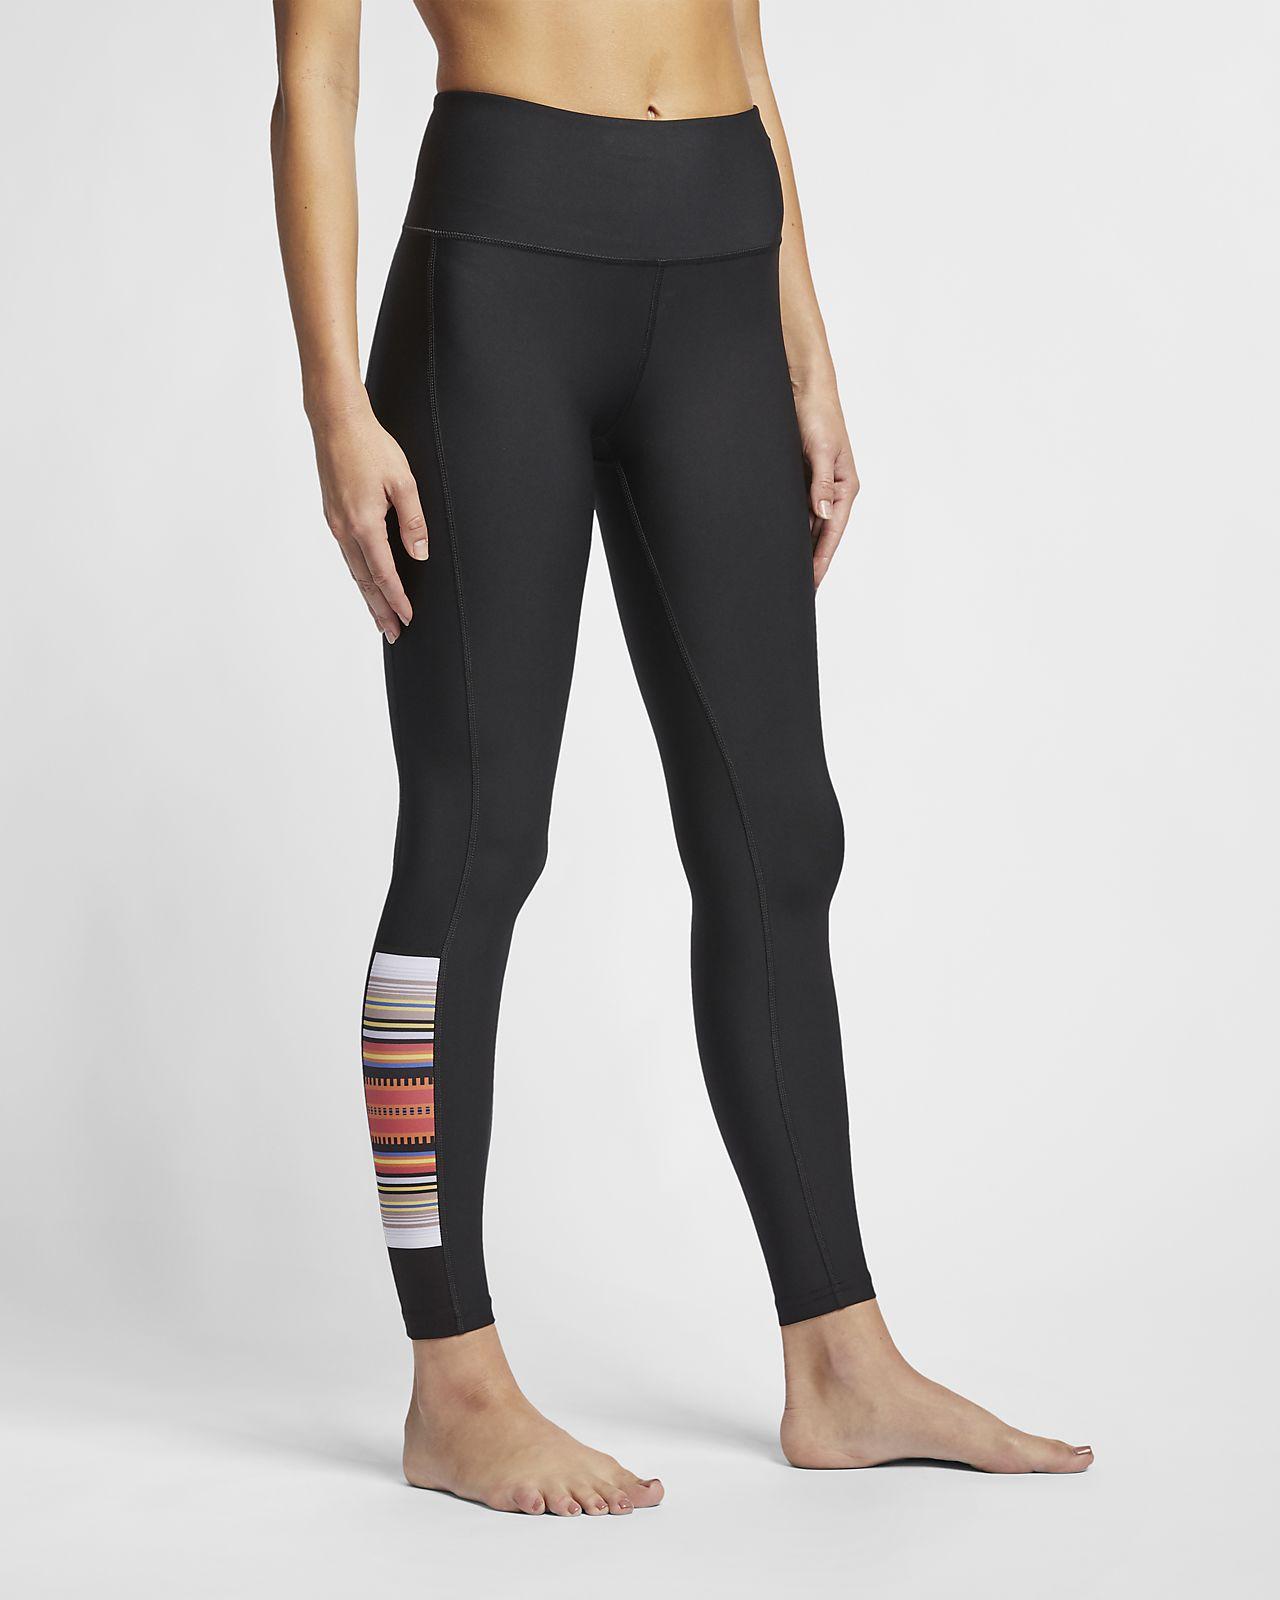 7790653b11ac Hurley Quick Dry Pendleton Acadia Women s Surf Leggings. Nike.com IL